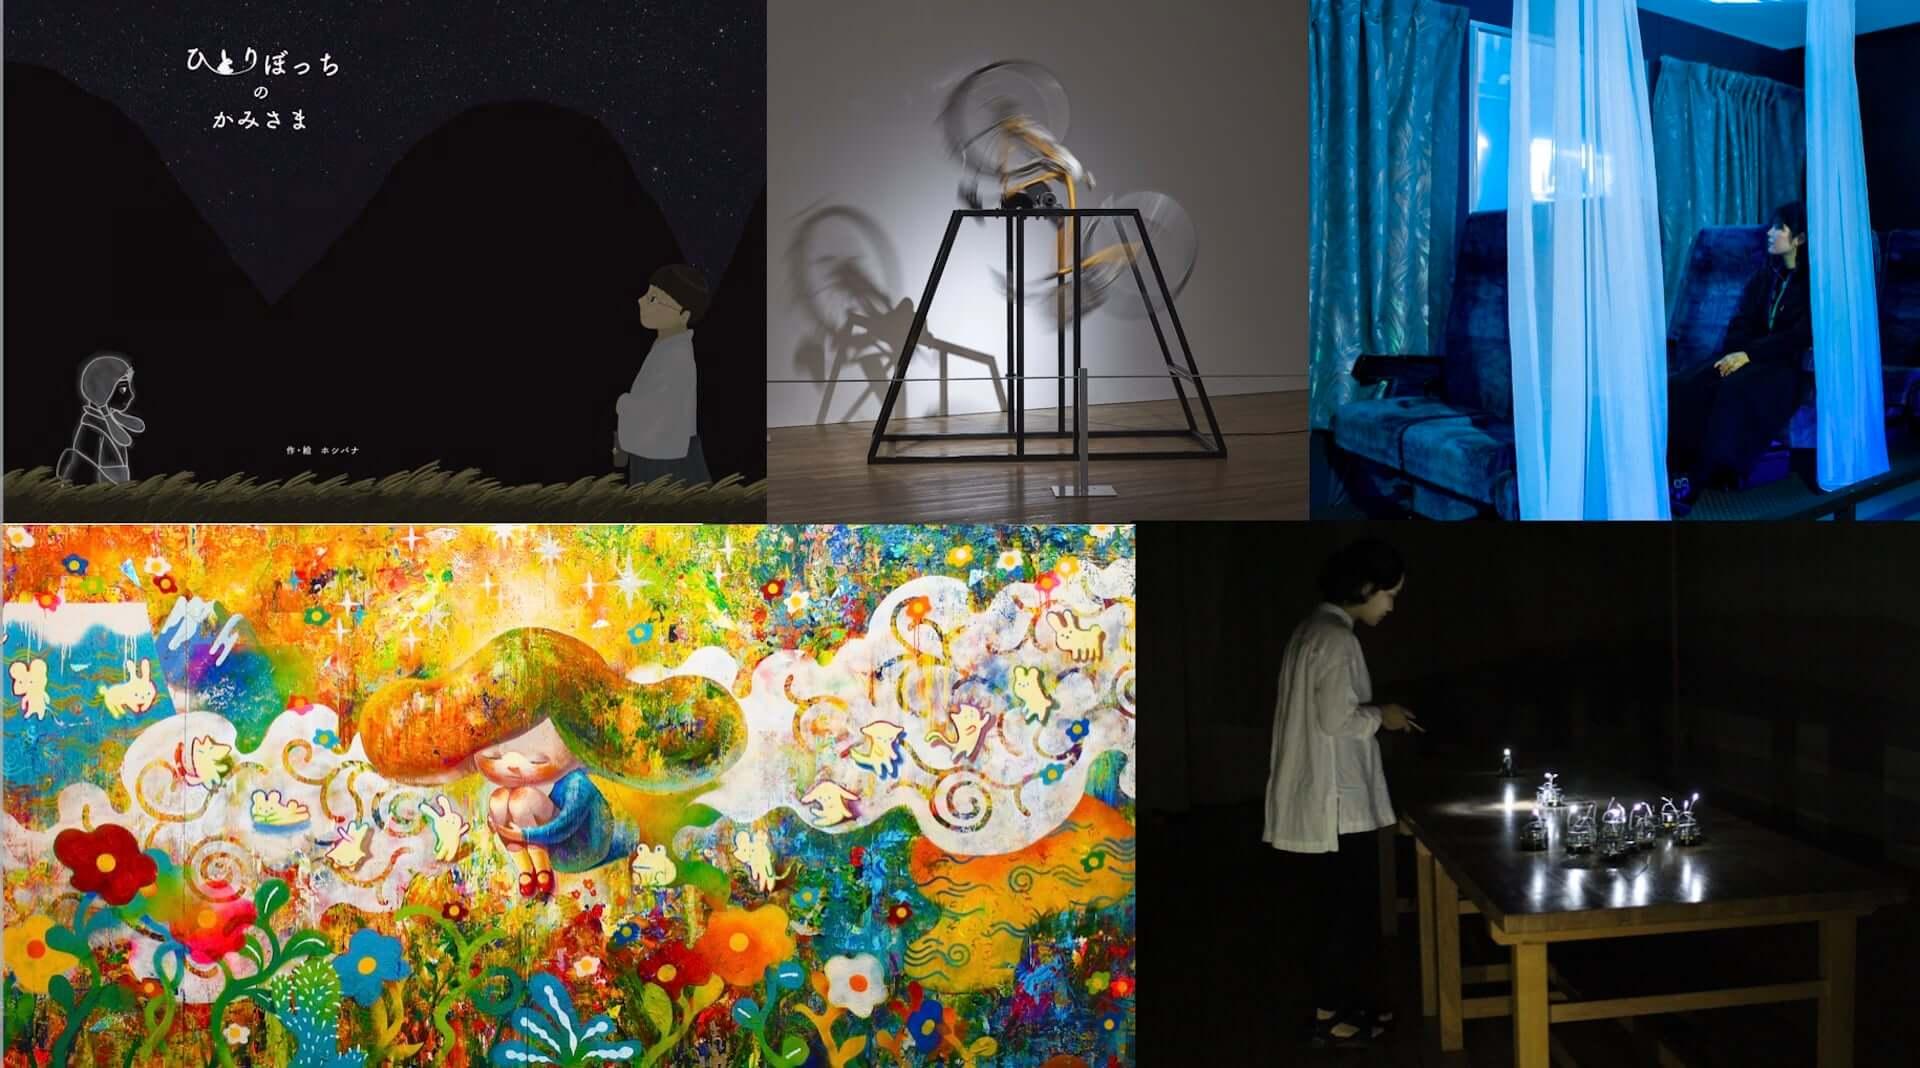 ライゾマティクス・アーキテクチャーらがアートプロジェクト<ART MEETS TOKYO>を始動!<第23回文化庁メディア芸術祭受賞作品展>広報企画 art200910_art-meets-tokyo_3-1920x1068